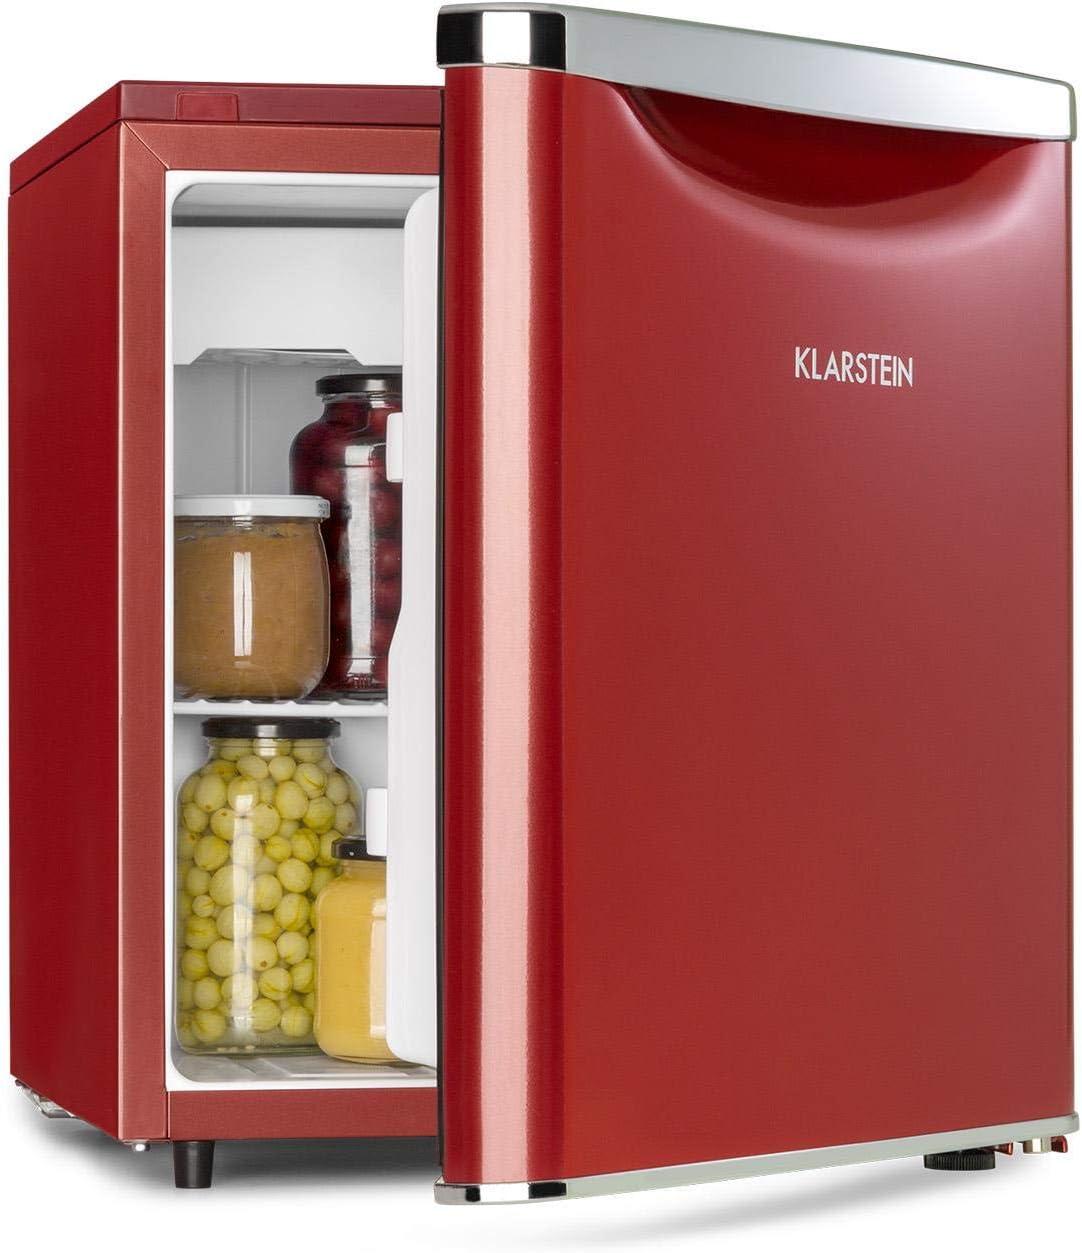 Klarstein Yummy - Nevera, Descongelación semi-automática, EEC F, Nivel ruido 41 dB, Congelador hasta -3 °C, Revestimiento cromado, 45 x 51,5 x 48 cm, Capacidad de 47 Litros, Rojo